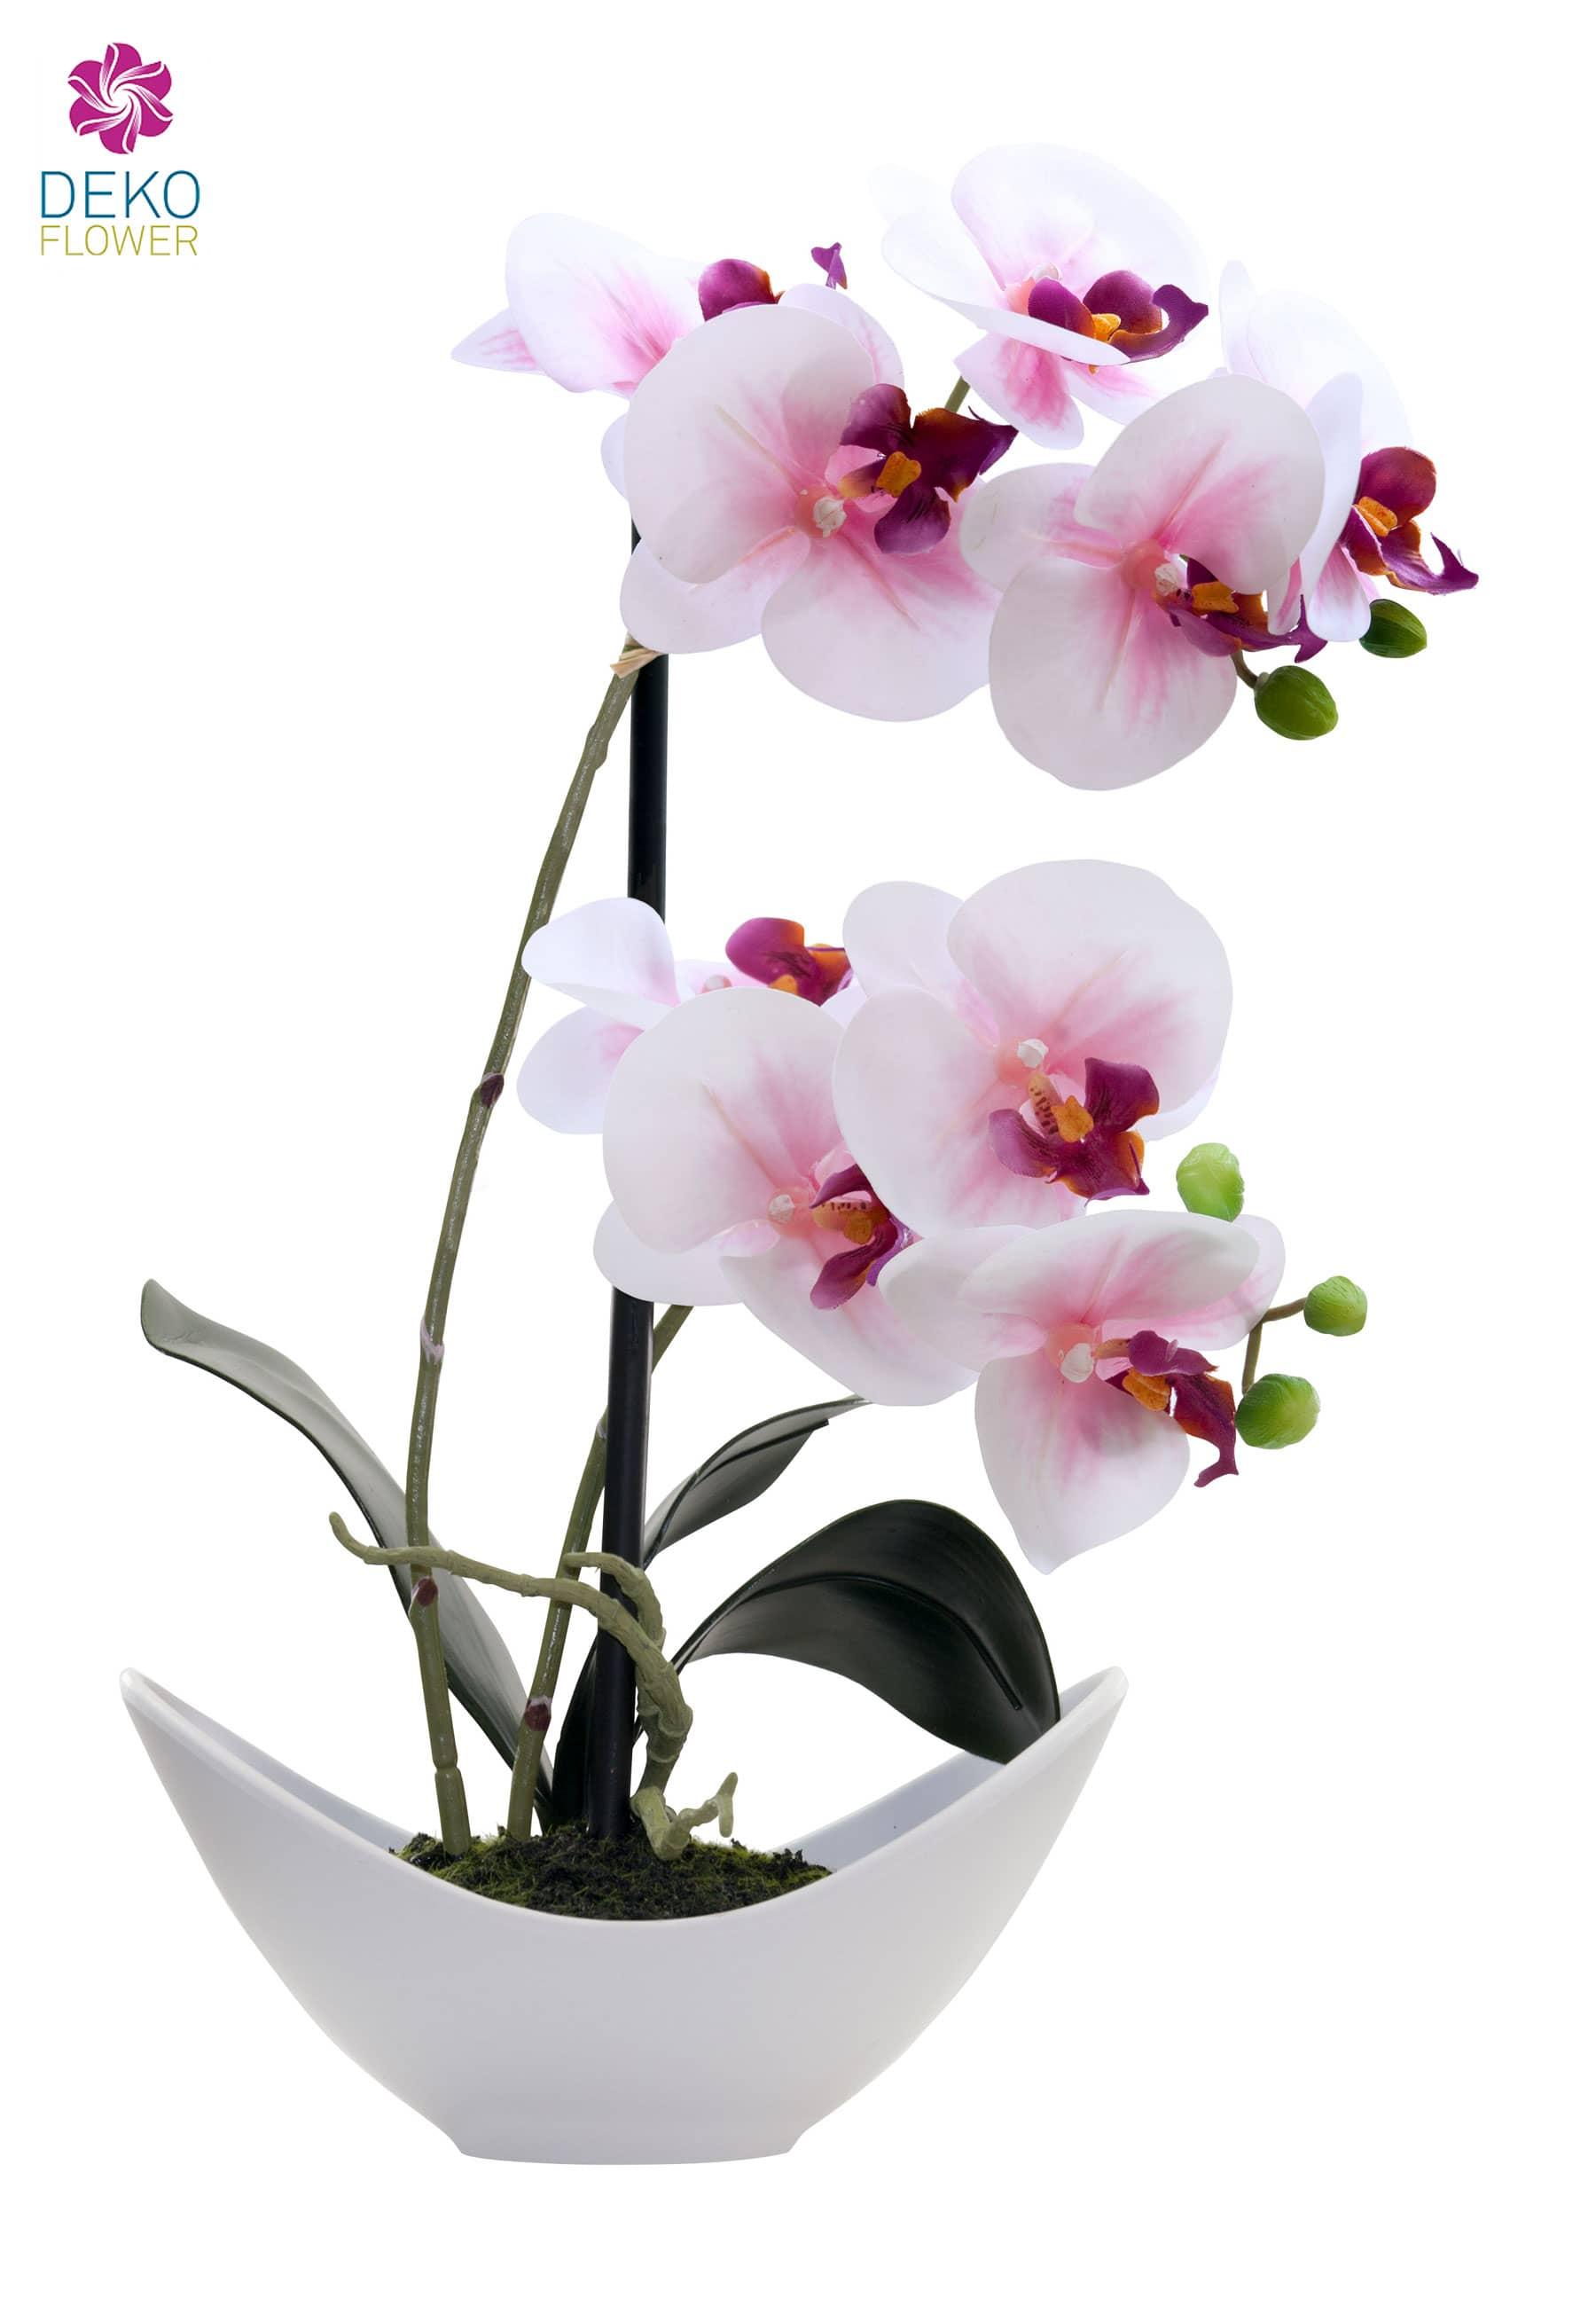 Künstliche Orchidee creme-pink 36cm im weißer Schale